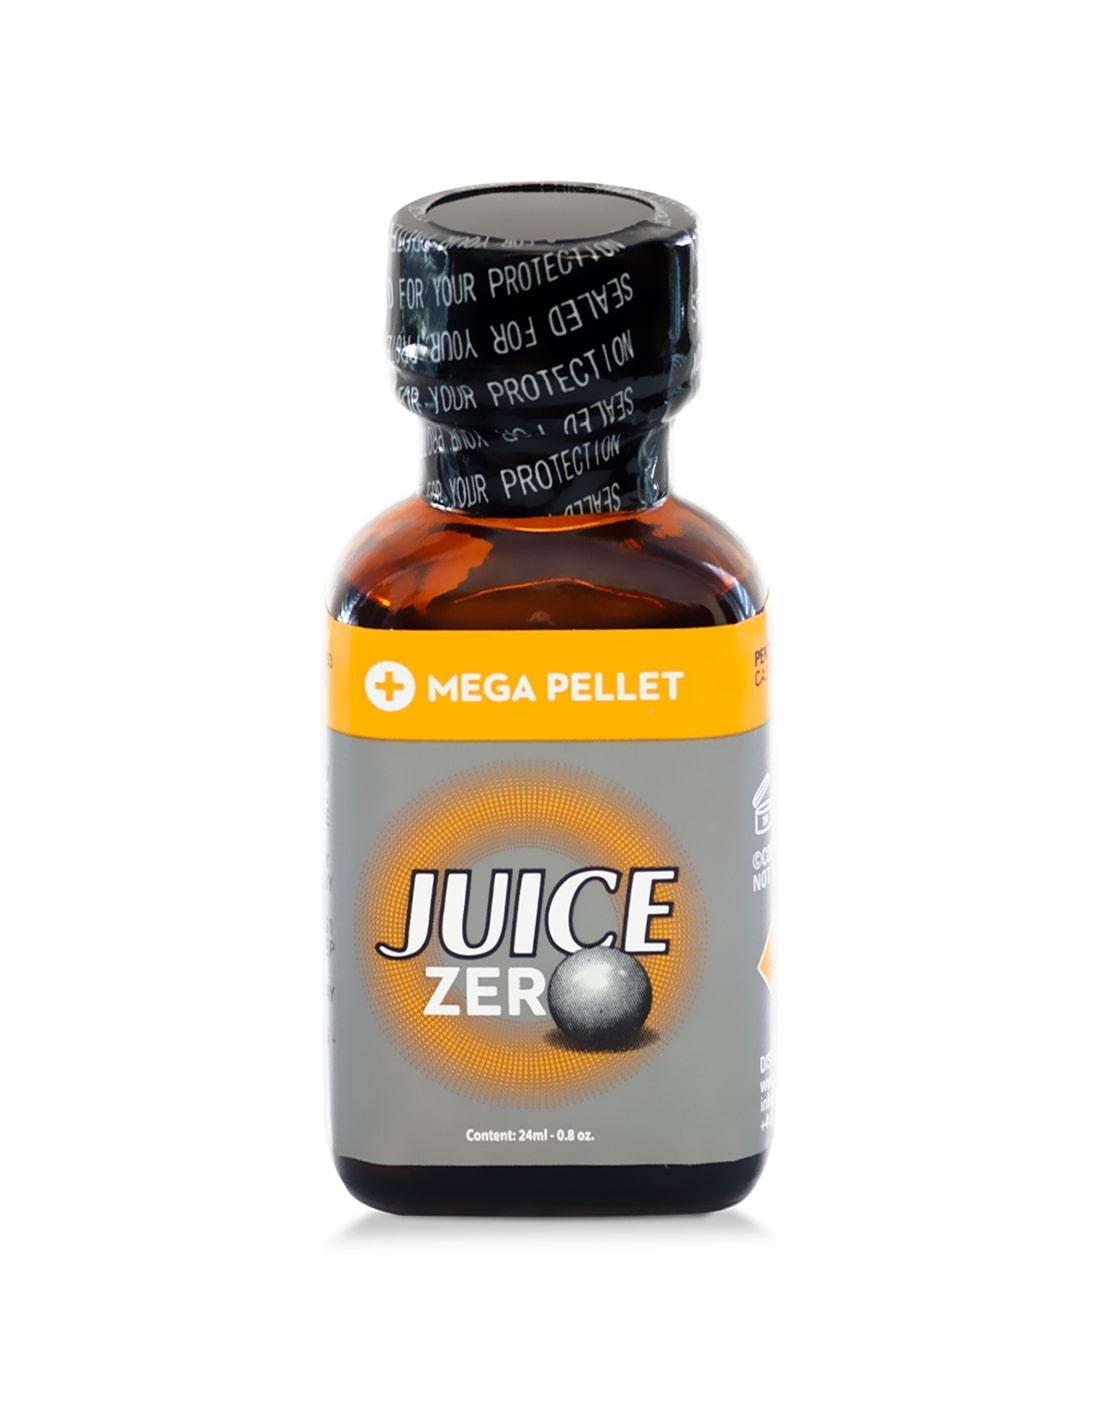 PR2010334022 - Juice Zero Popper 24ml - 24ml-PR2010334022